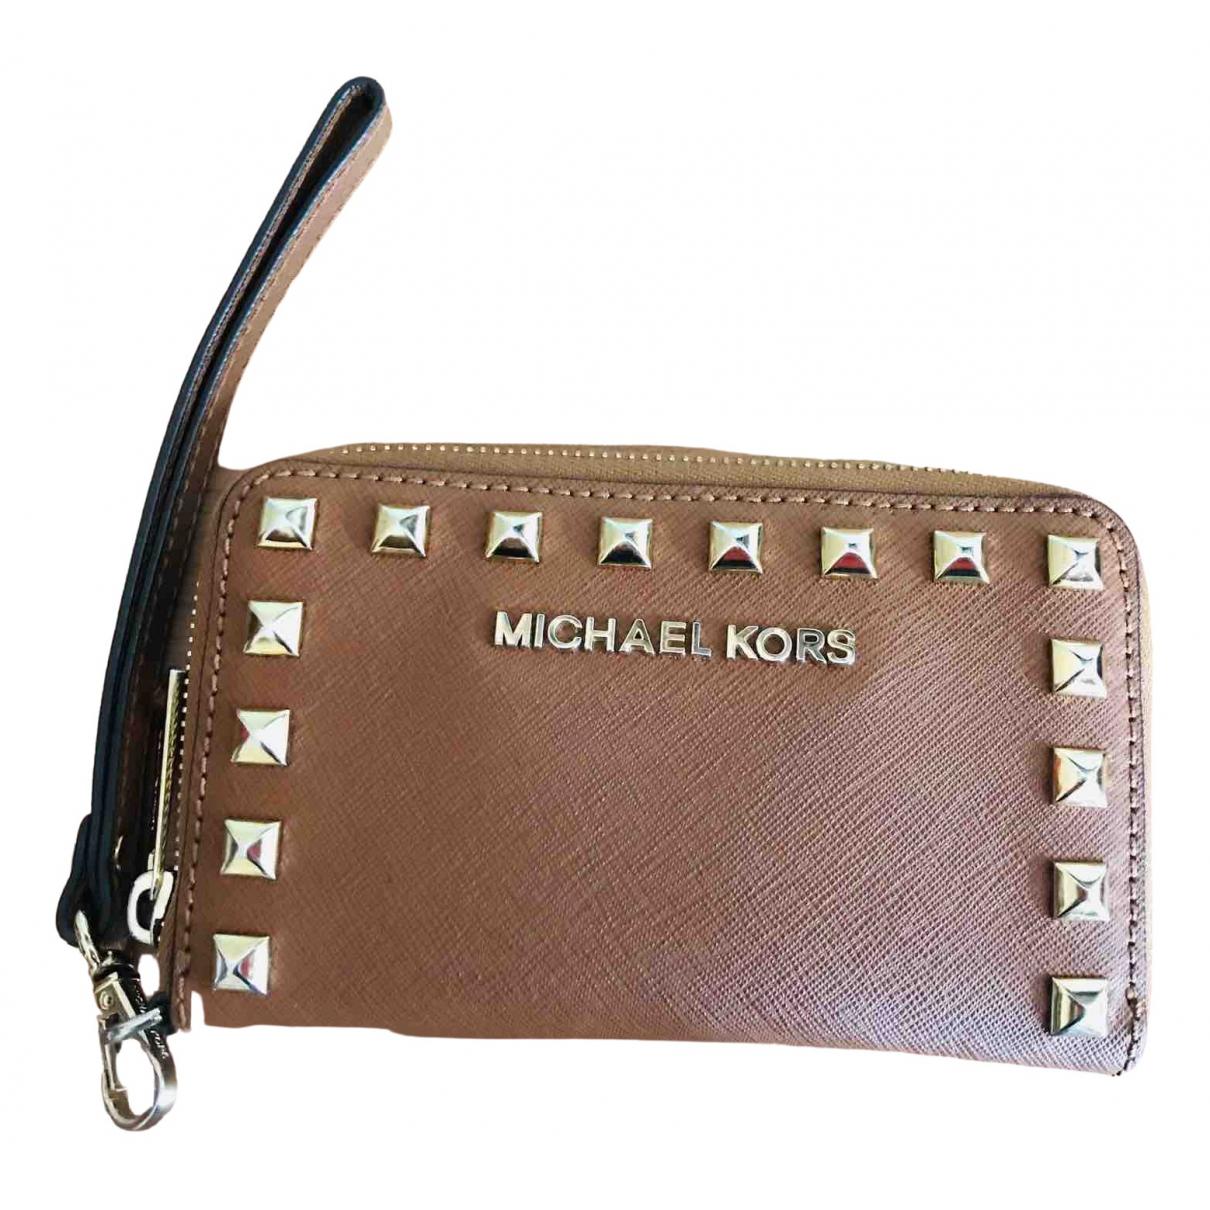 Michael Kors - Portefeuille   pour femme en cuir - camel